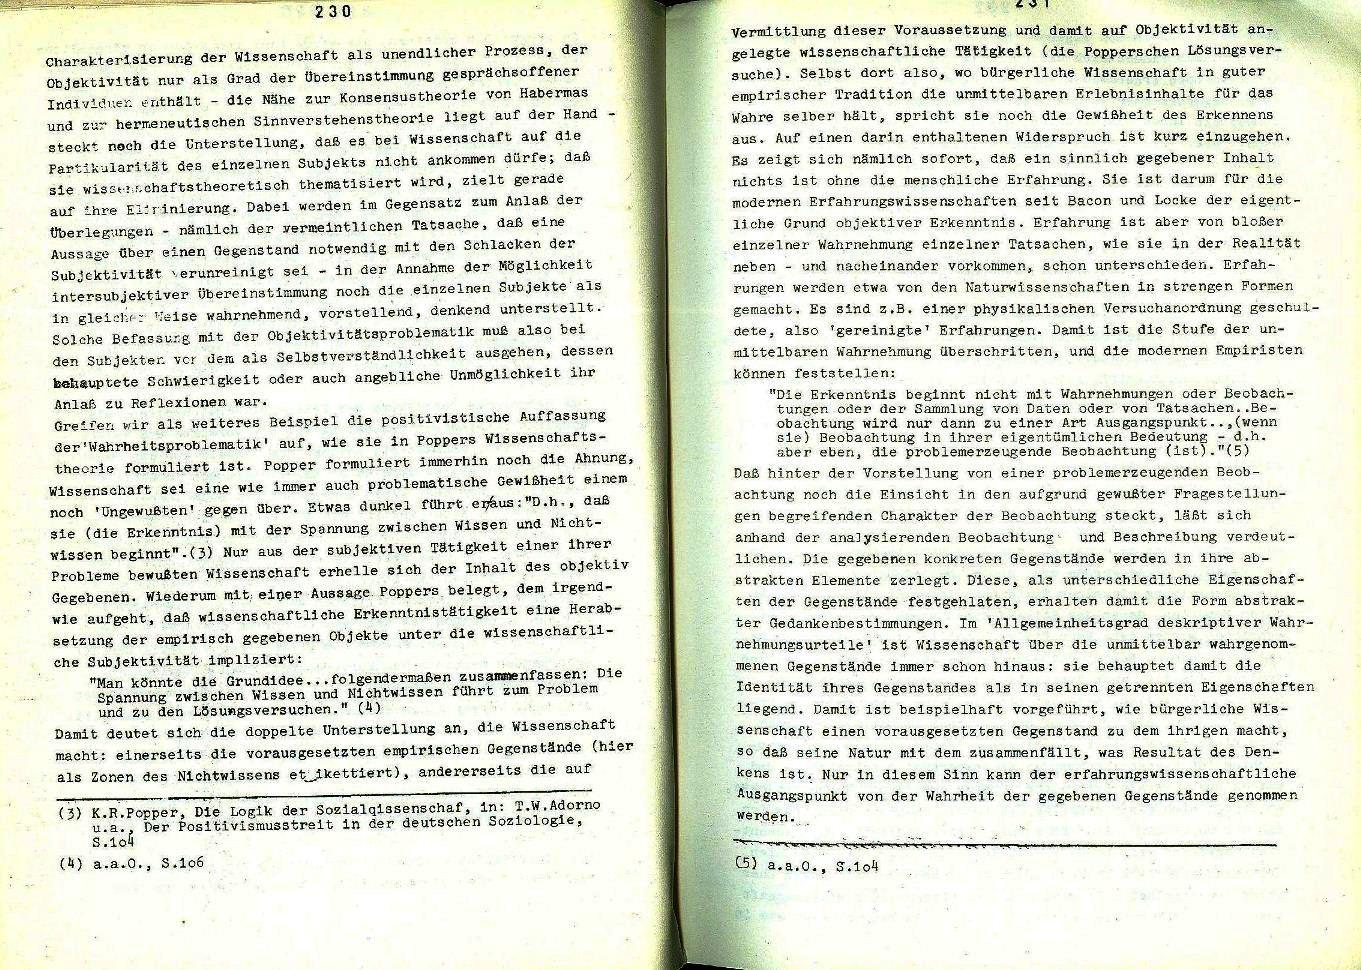 Muenchen_AK_Sozialistisches_Studium120